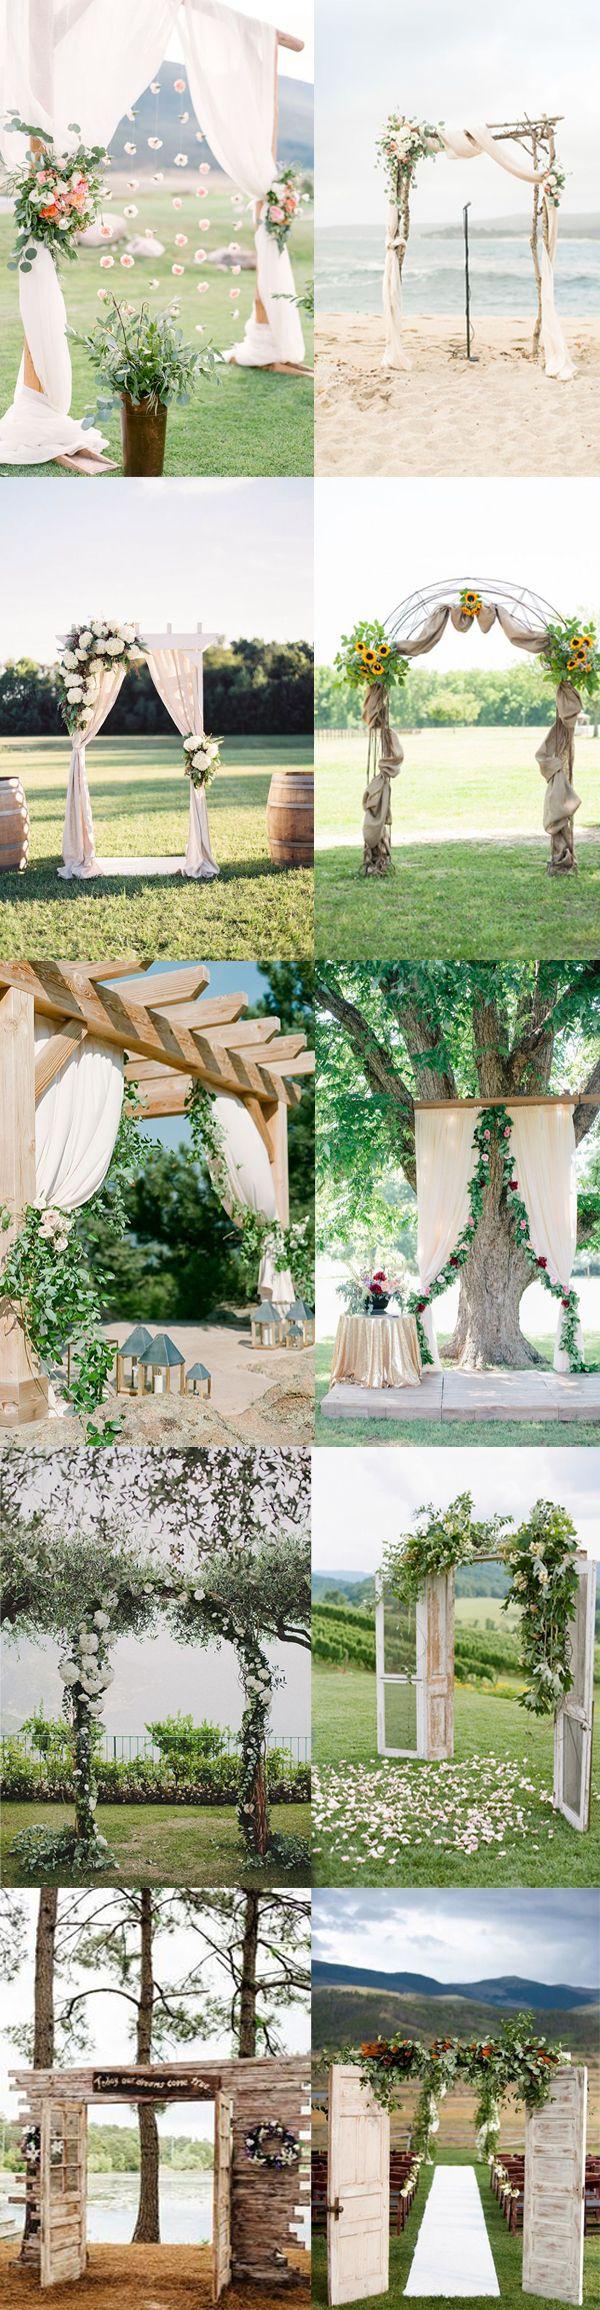 Творческие свадебные идеи церемонии алтари